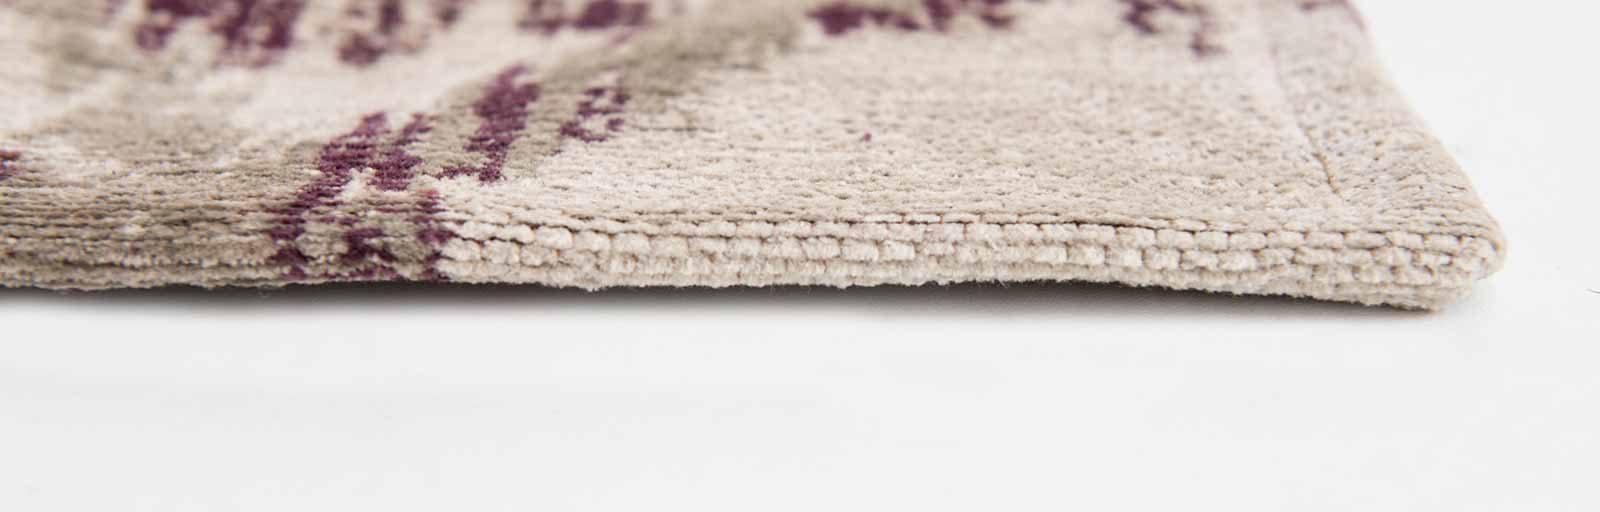 Louis De Poortere alfombras Villa Nova LX 8752 Sudare Jewel side